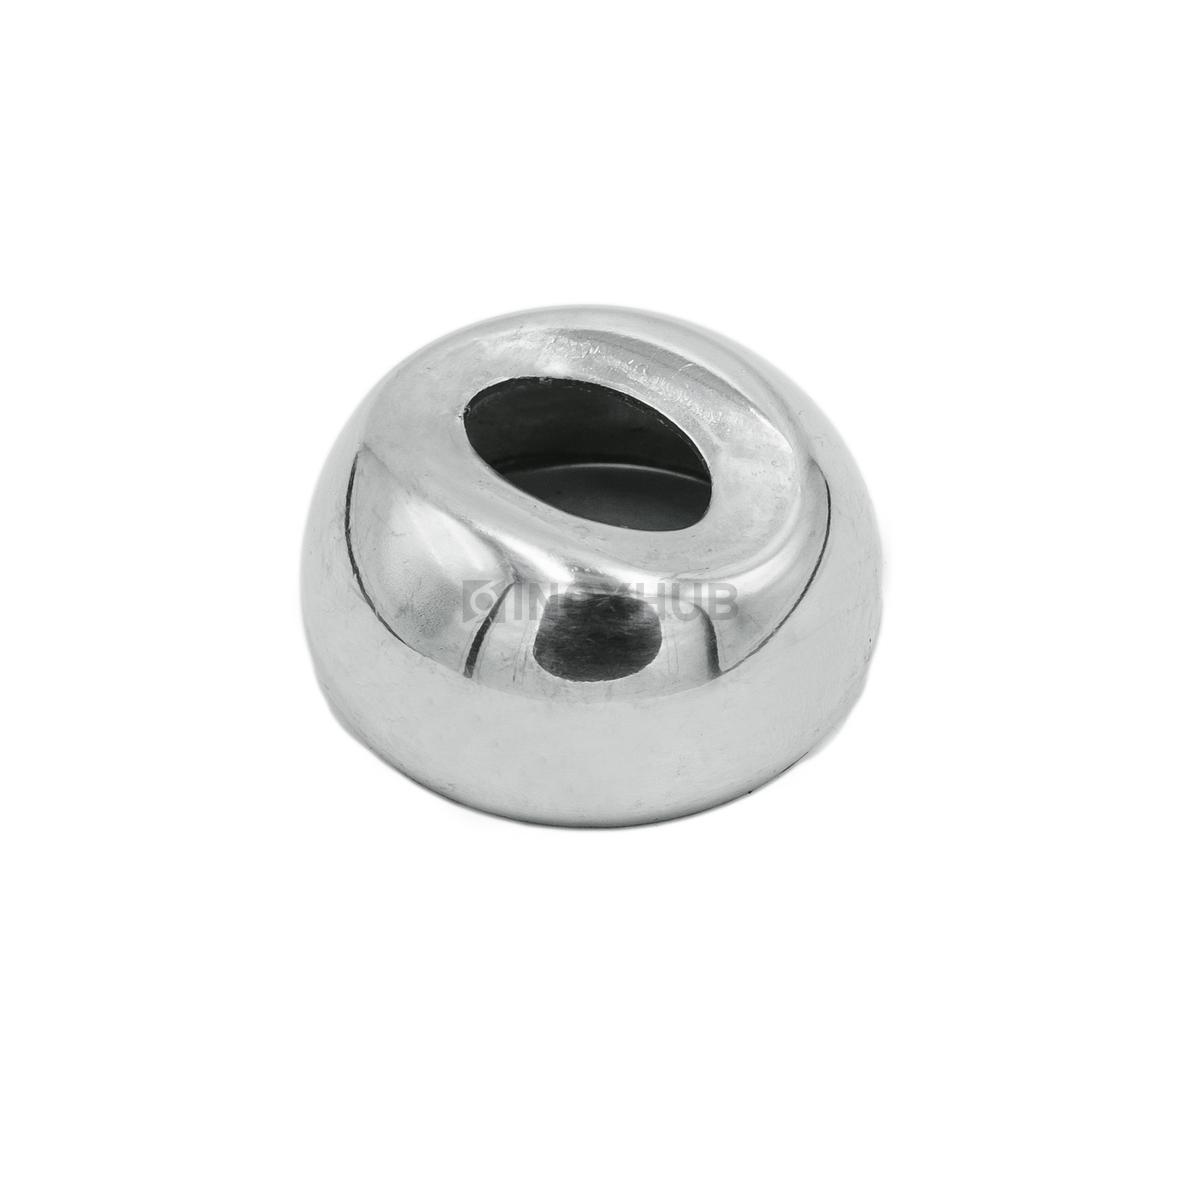 Соединение поручня со стойкой штамп. под 90°, Ø38.1 мм, AISI 304, GRIT 600